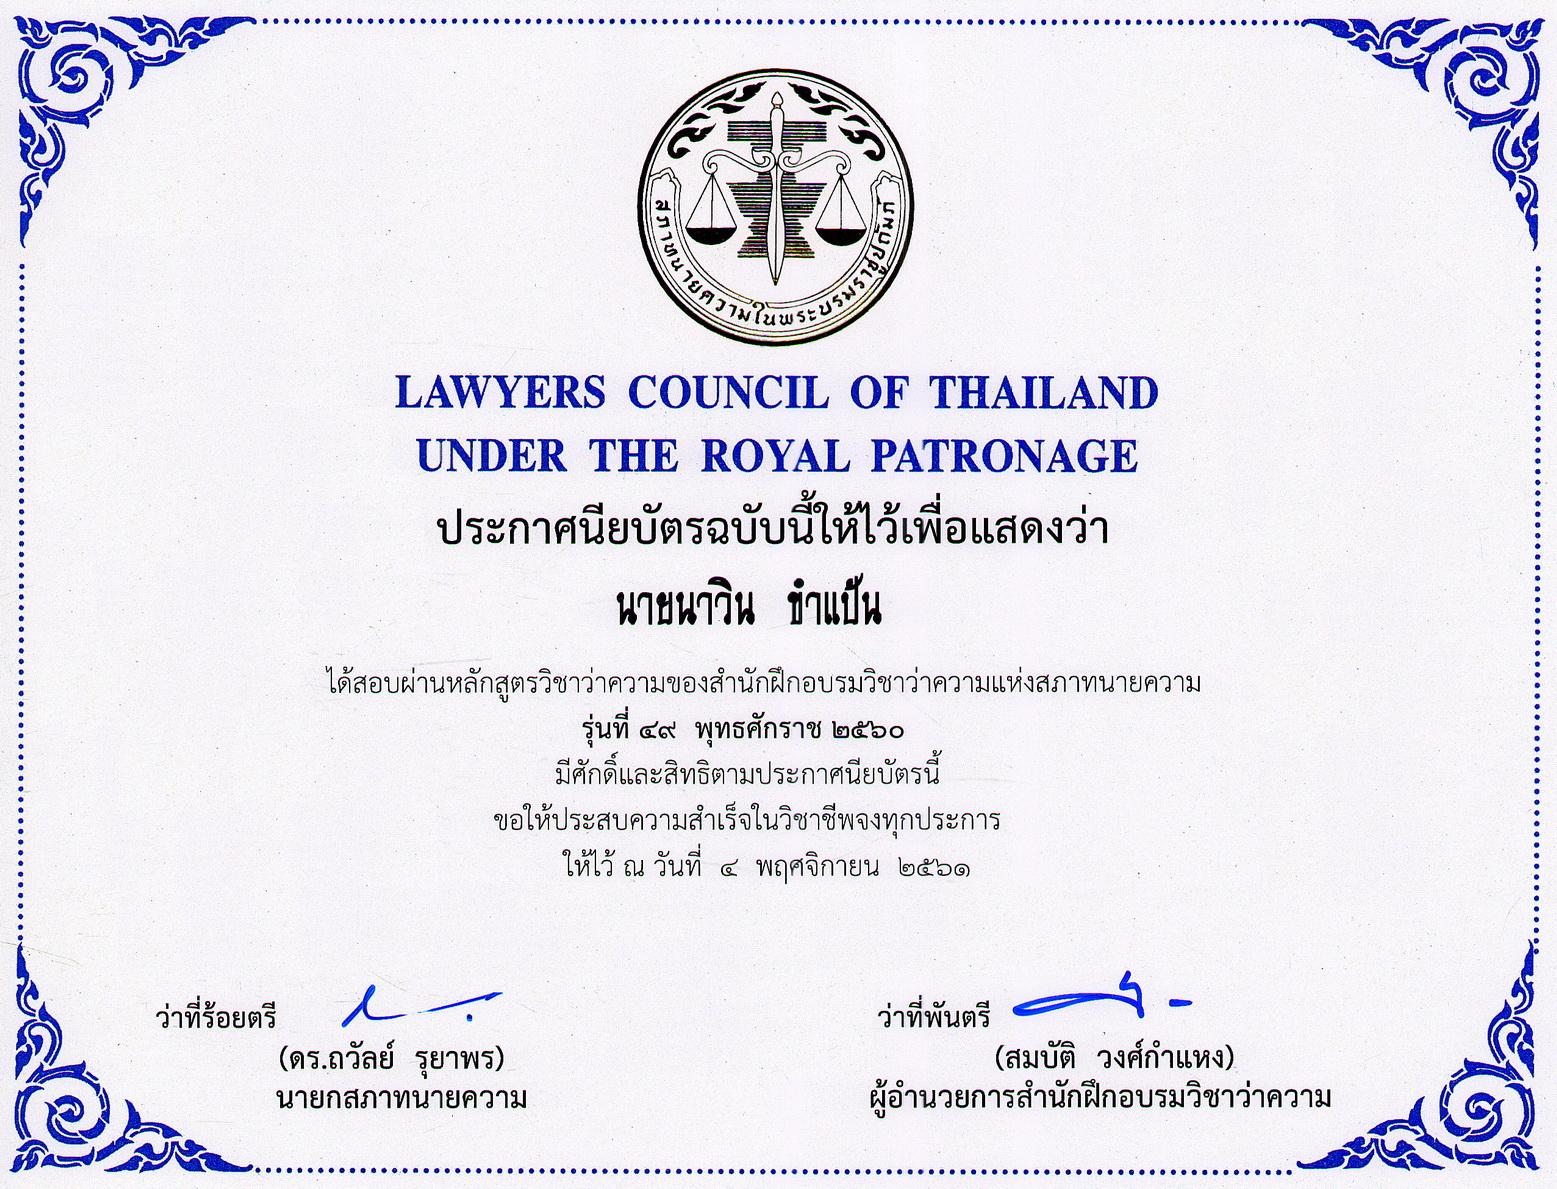 นาวิน-ขำแป้น-Cert-ประกาศนียบัตร-ทนายความ-49